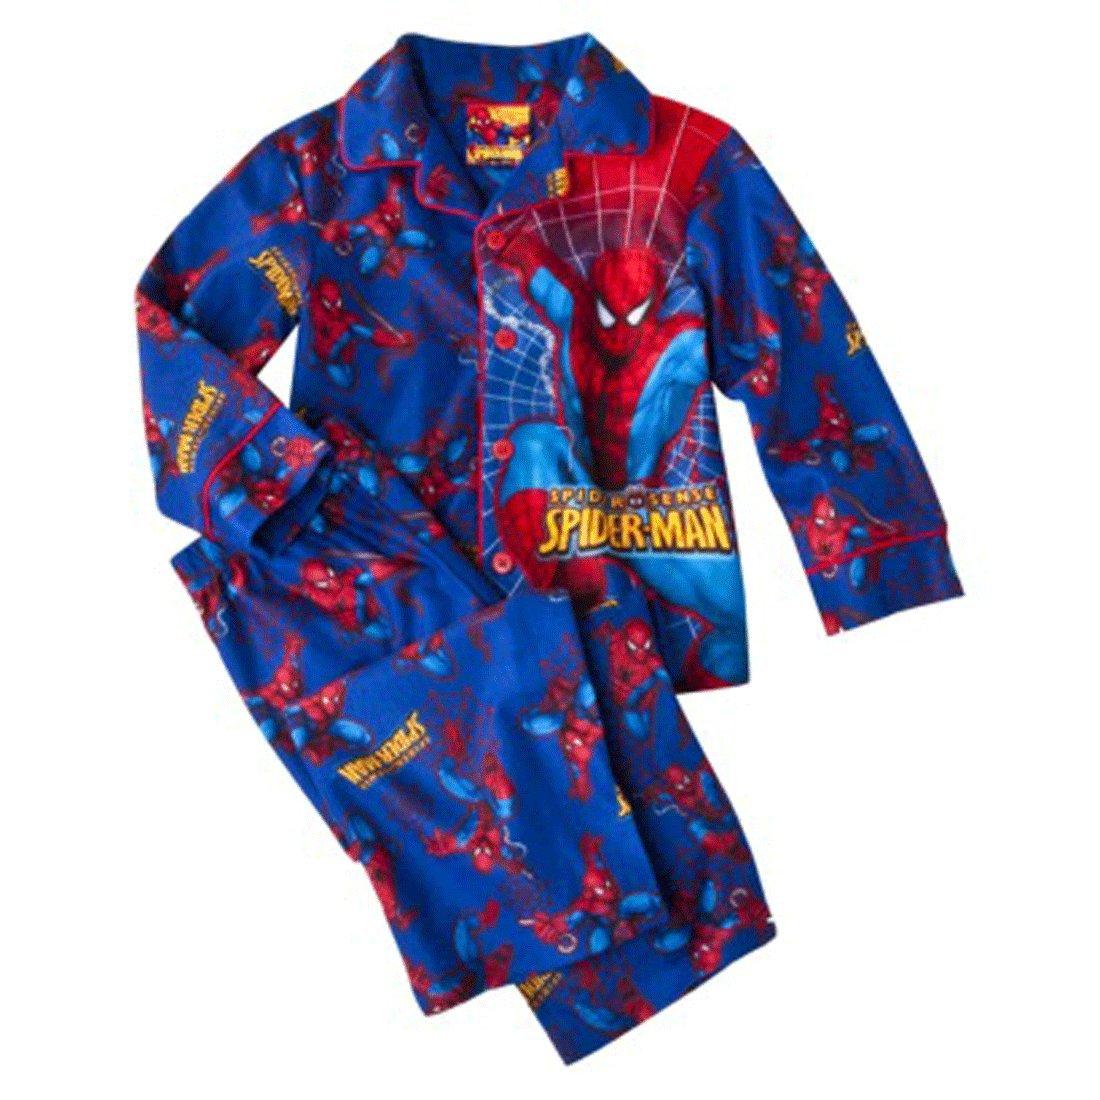 【超特価SALE開催!】 Spiderman Toddler Toddler Boys Spiderman 2pcコートパジャマ 2T Boys B007JCRKF0, タイガー魔法瓶:a026c971 --- a0267596.xsph.ru